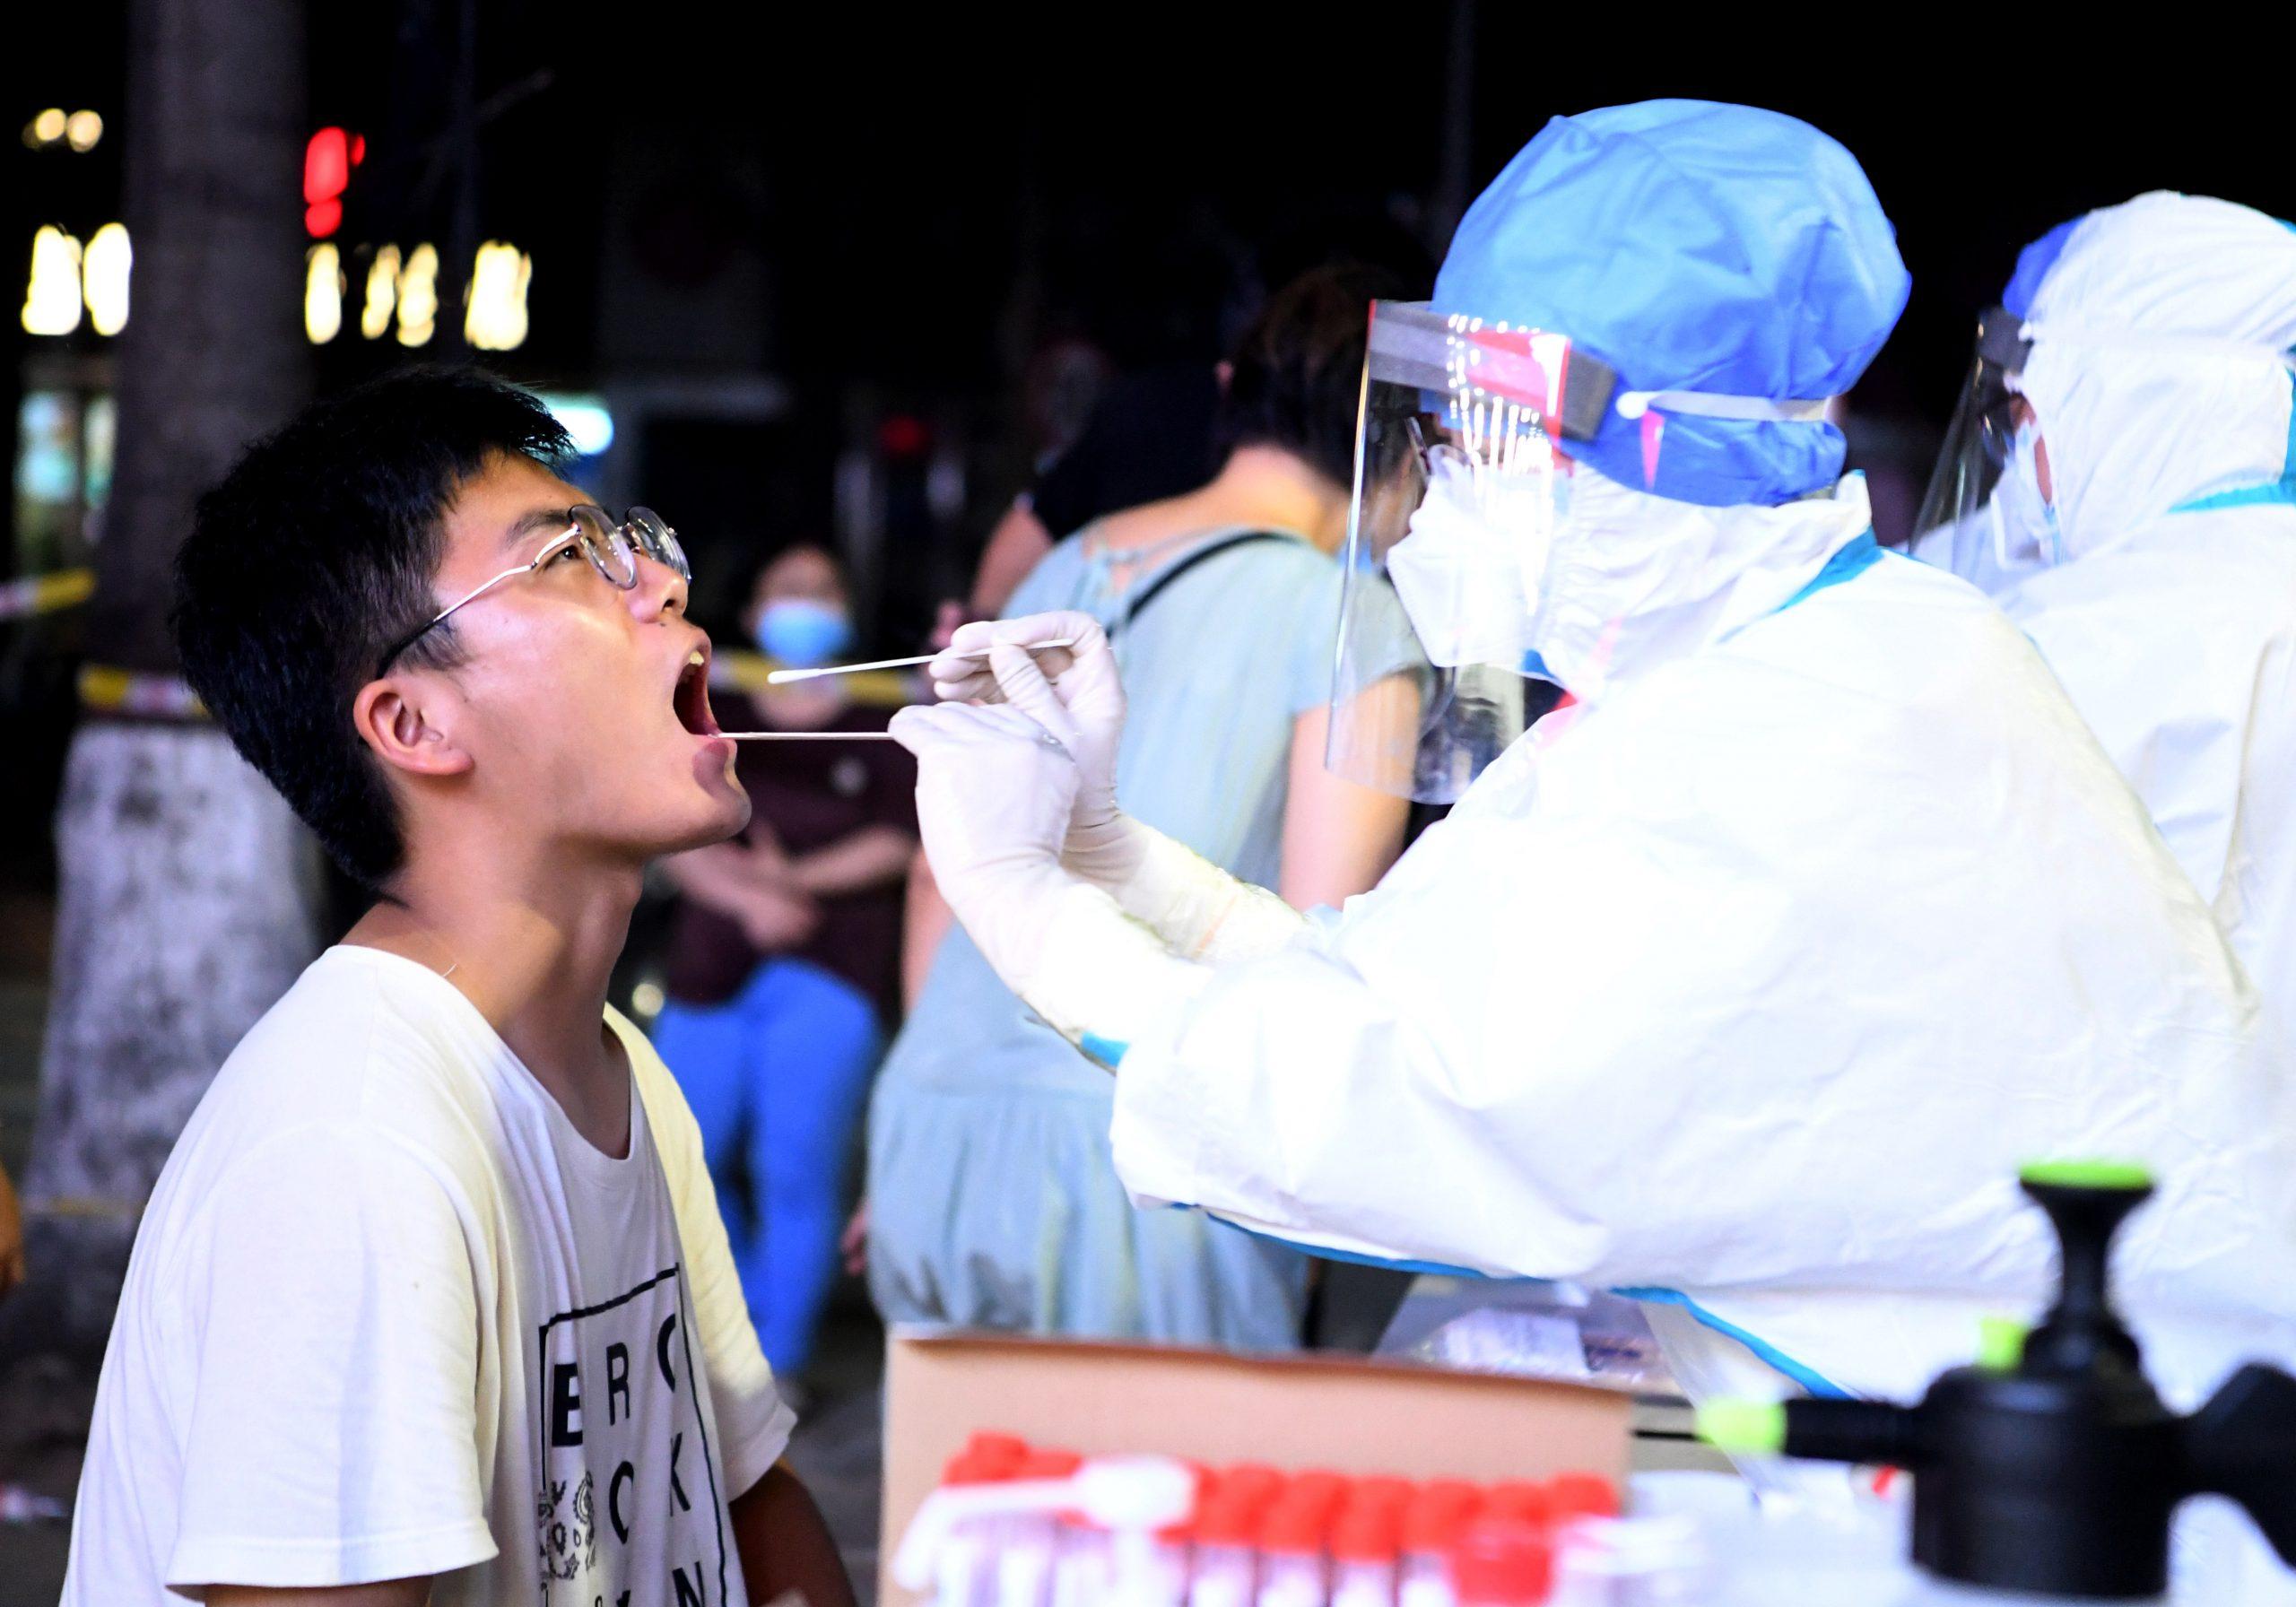 Ciudad china de Zhengzhou intensifica medidas de prevención y control contra COVID-19